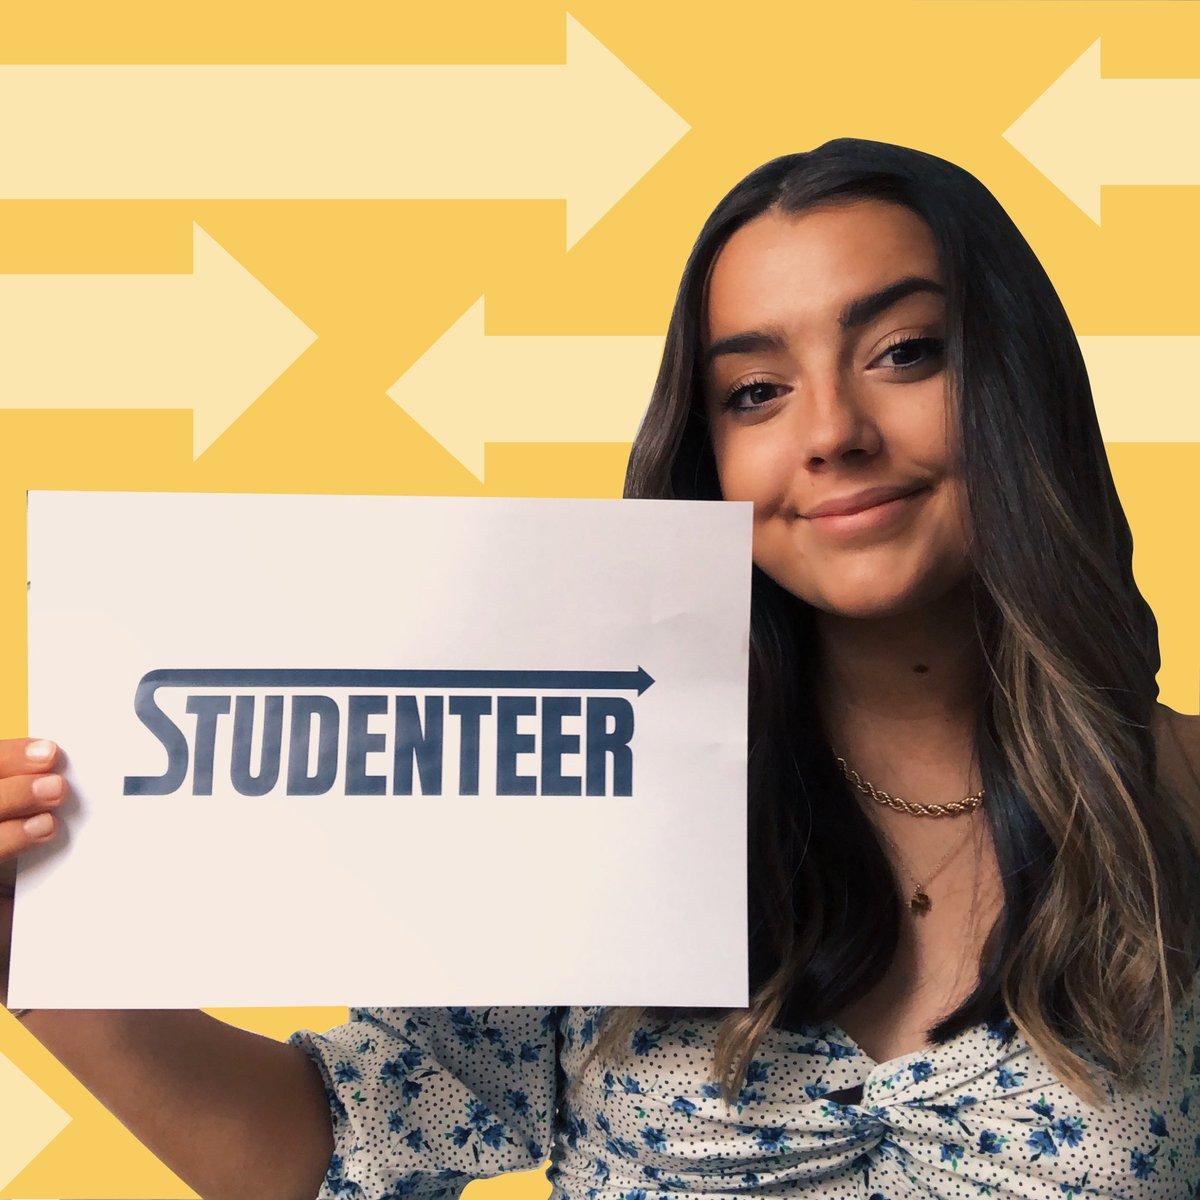 Spotlight on Studenteer